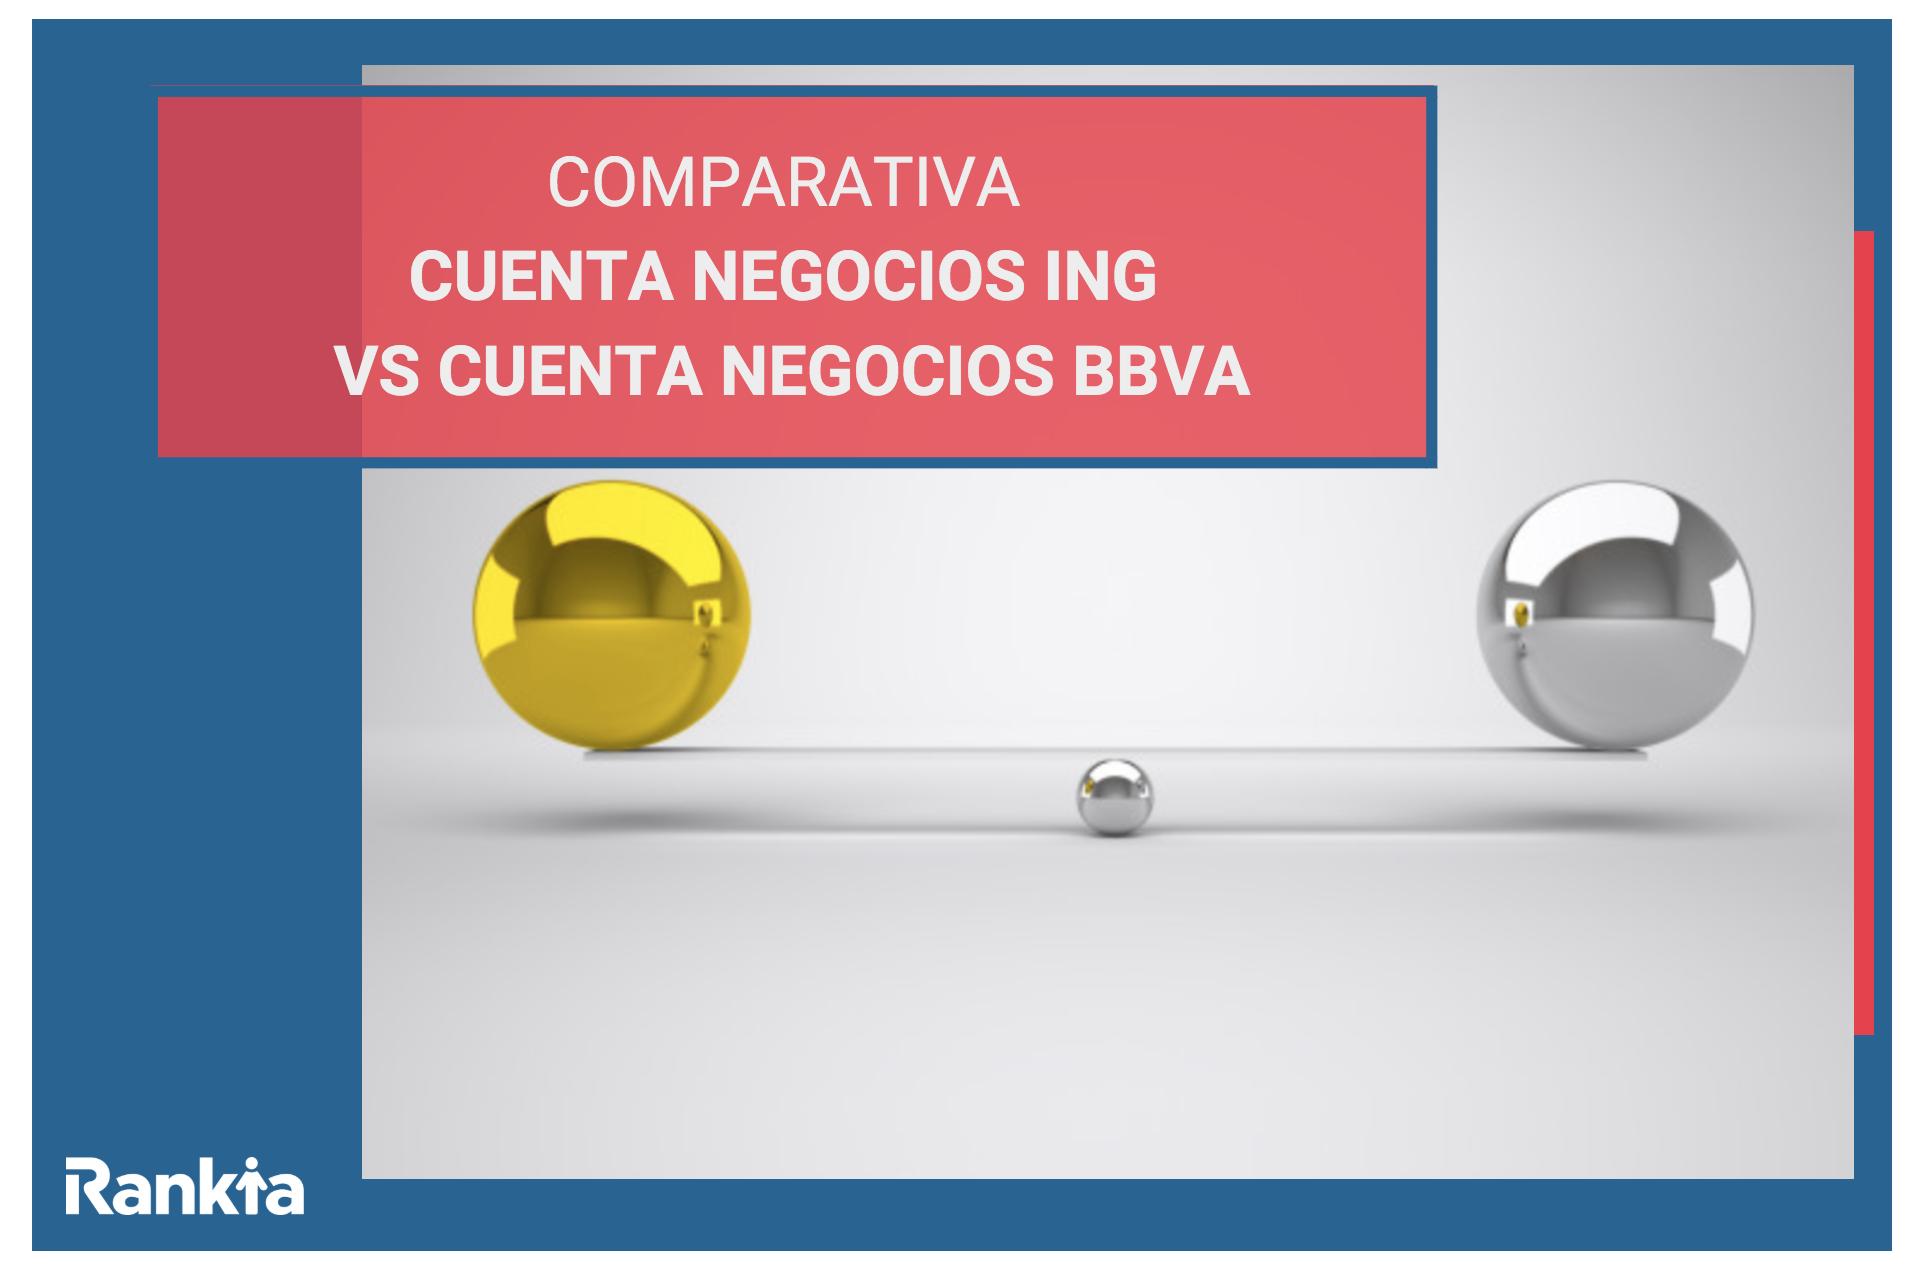 Comparativa cuenta negocios ing vs cuenta negocios bbva